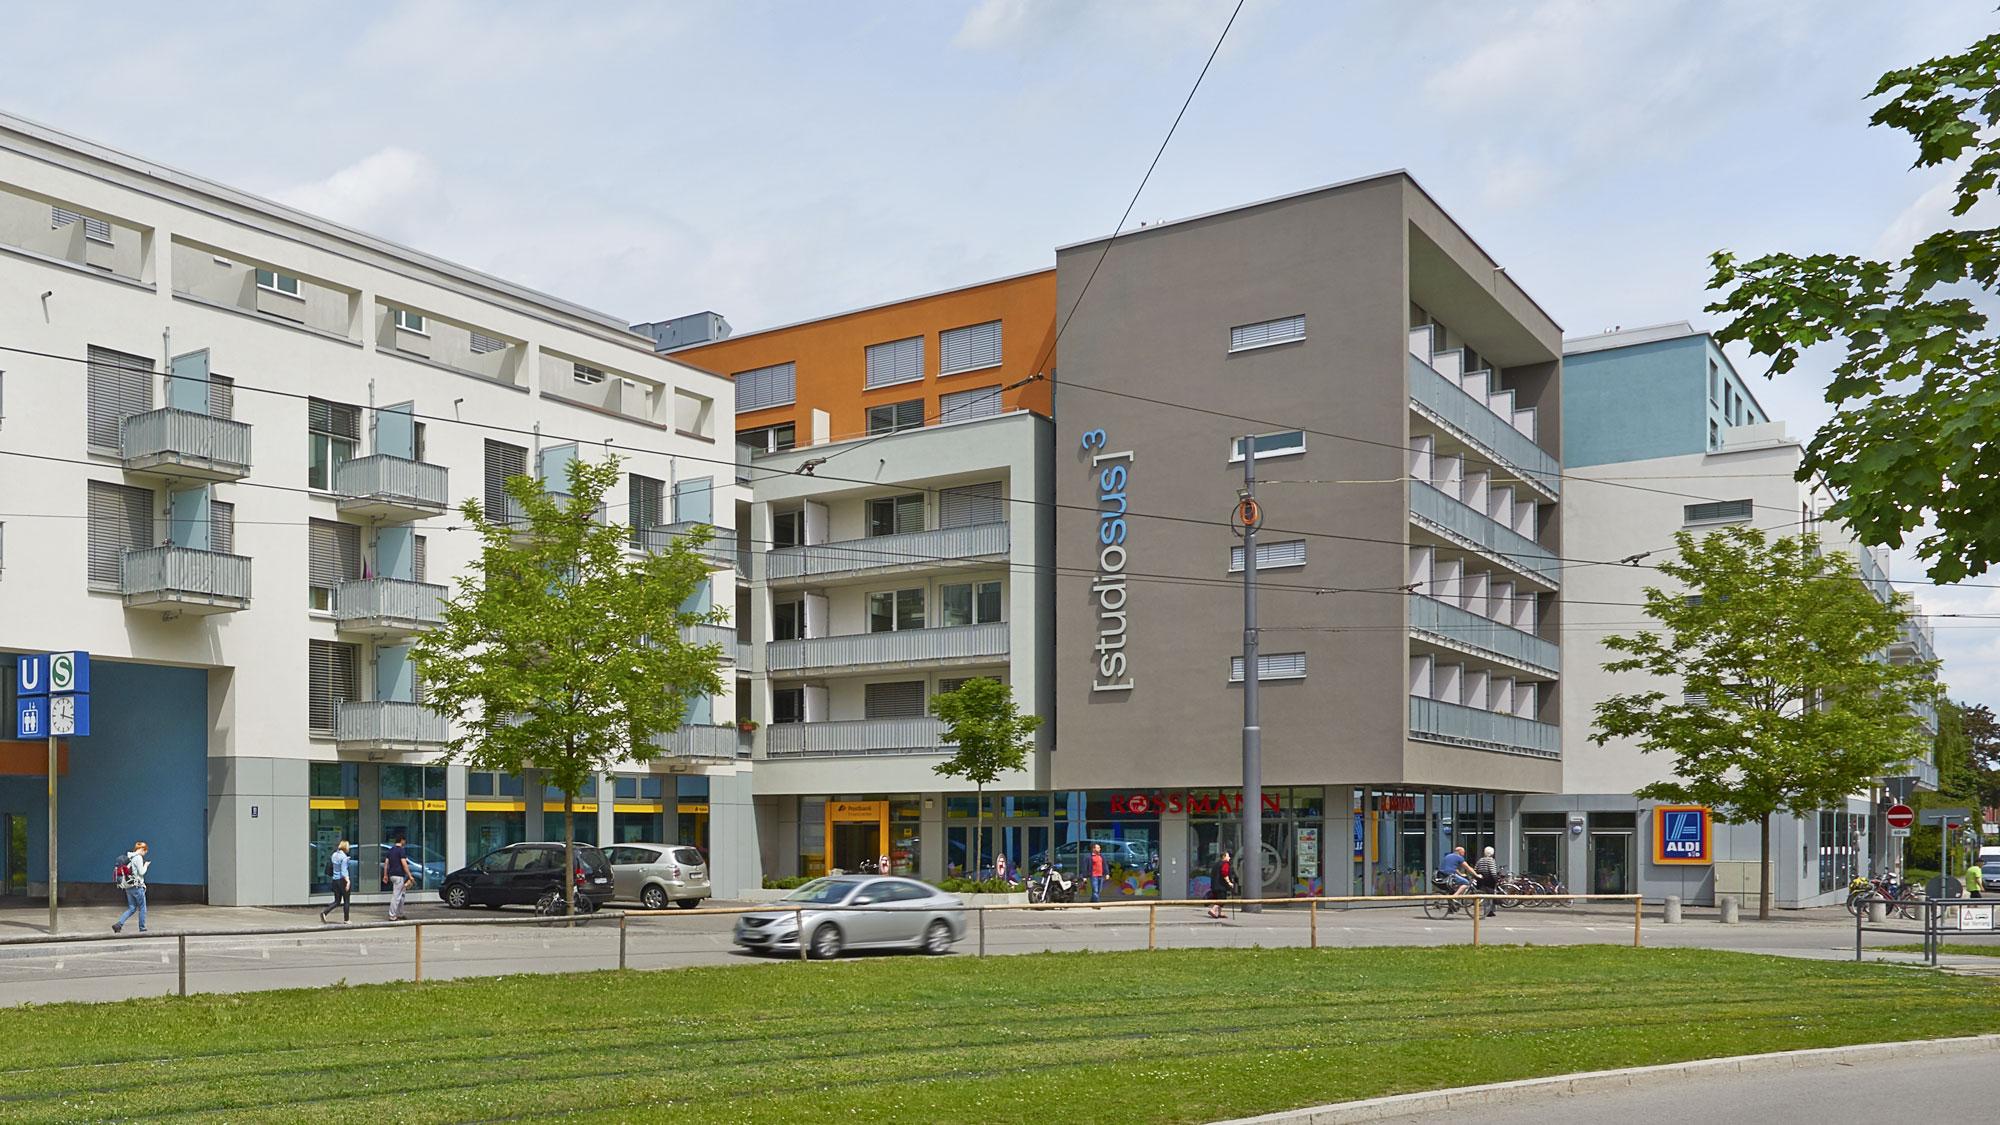 Neubauprojekt studiosus 3 in München - Außenansicht der Wohnanlage mit Studentenapartments in zentraler Lage